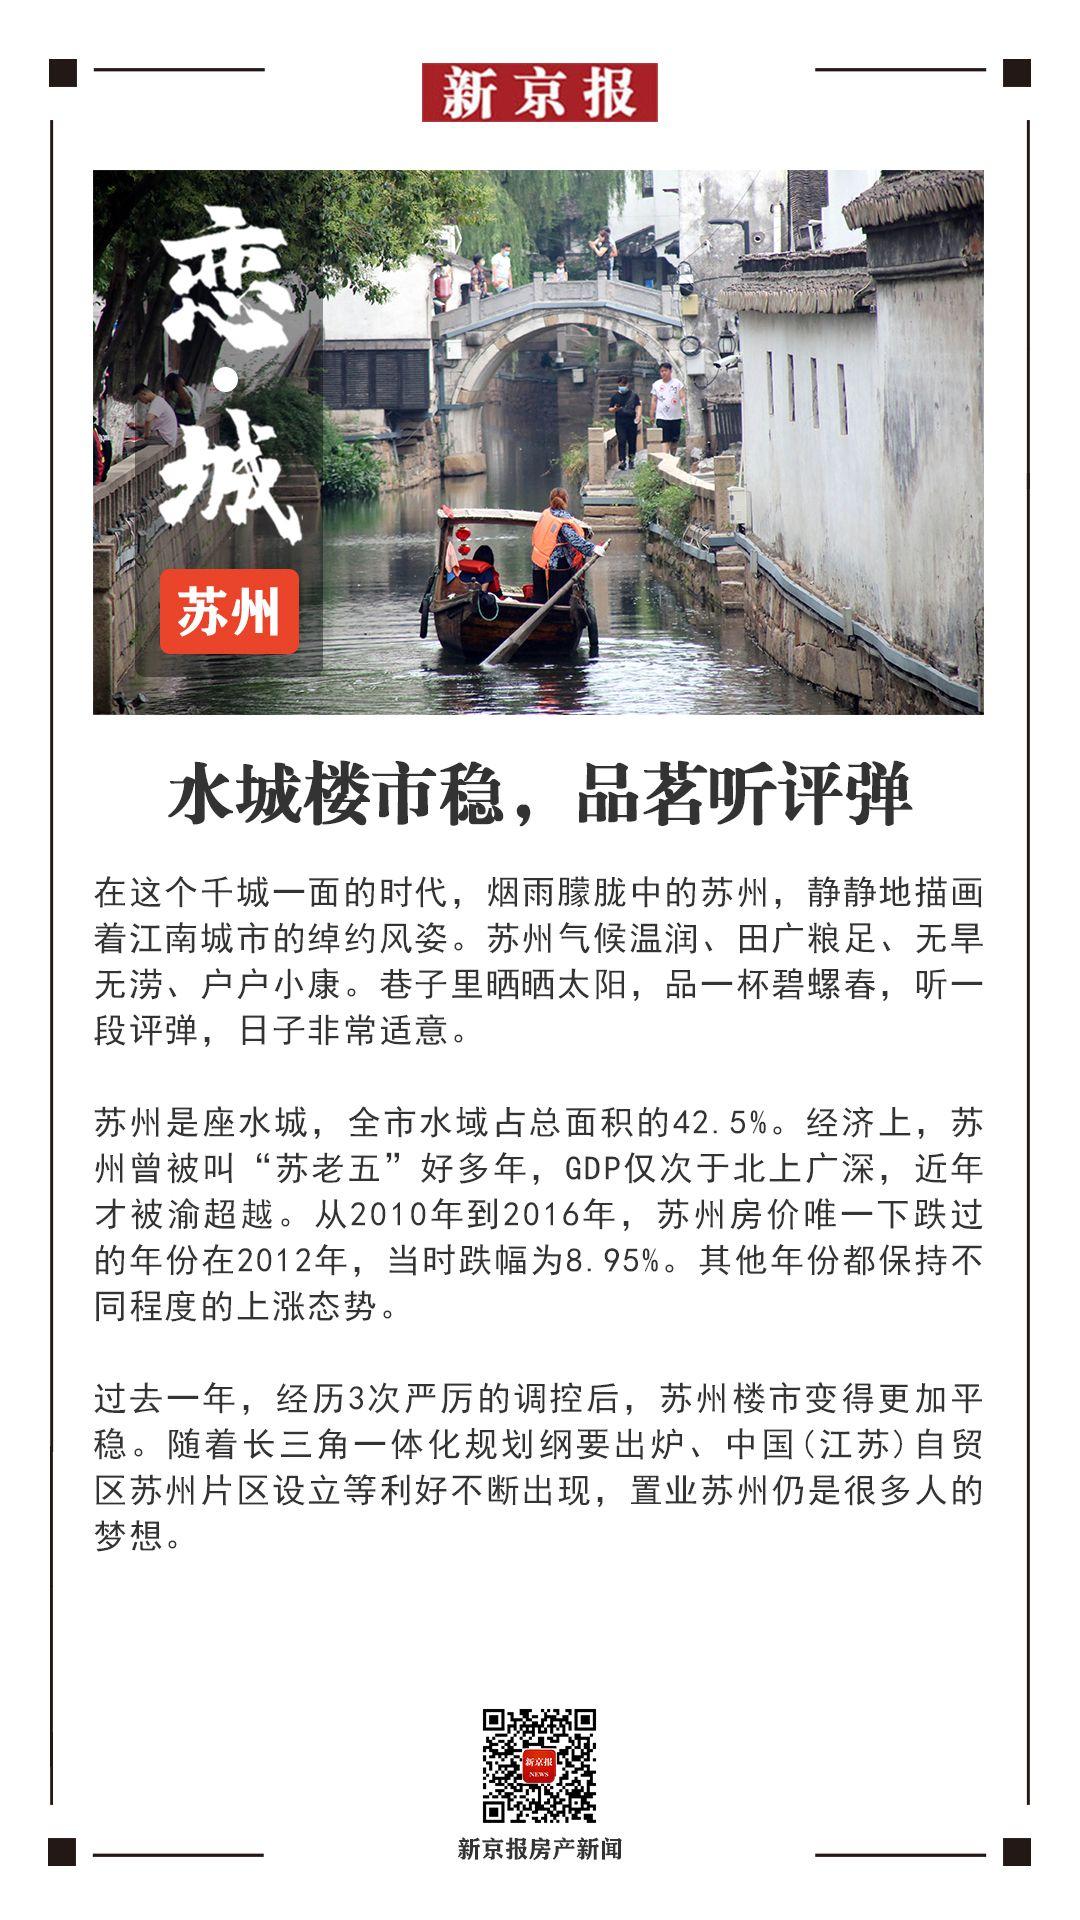 恋·城|苏州:水城楼市稳,品茗听评弹图片